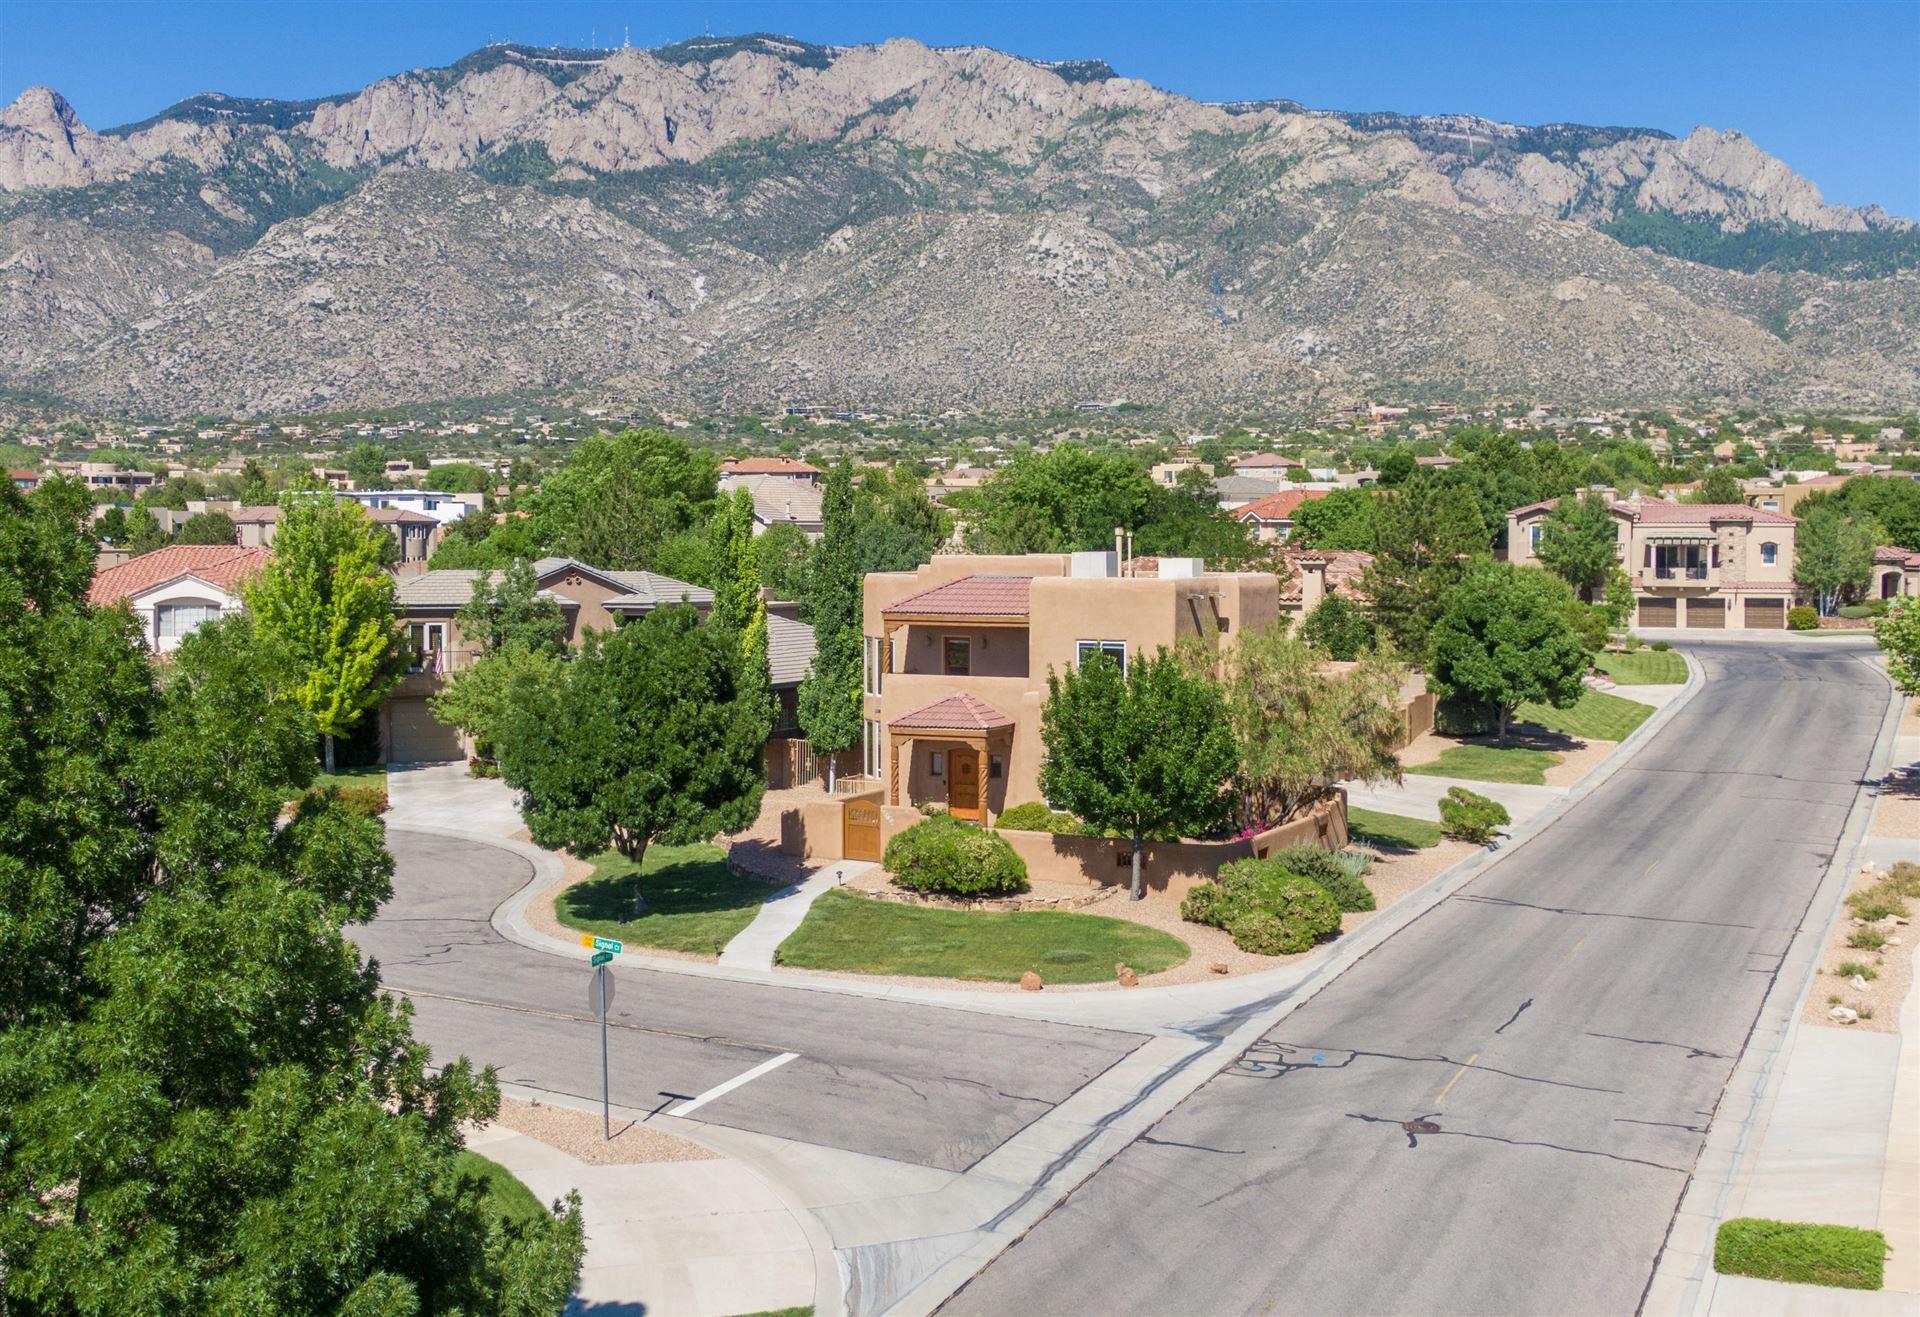 Photo of 8700 SIGNAL Court NE, Albuquerque, NM 87122 (MLS # 968760)